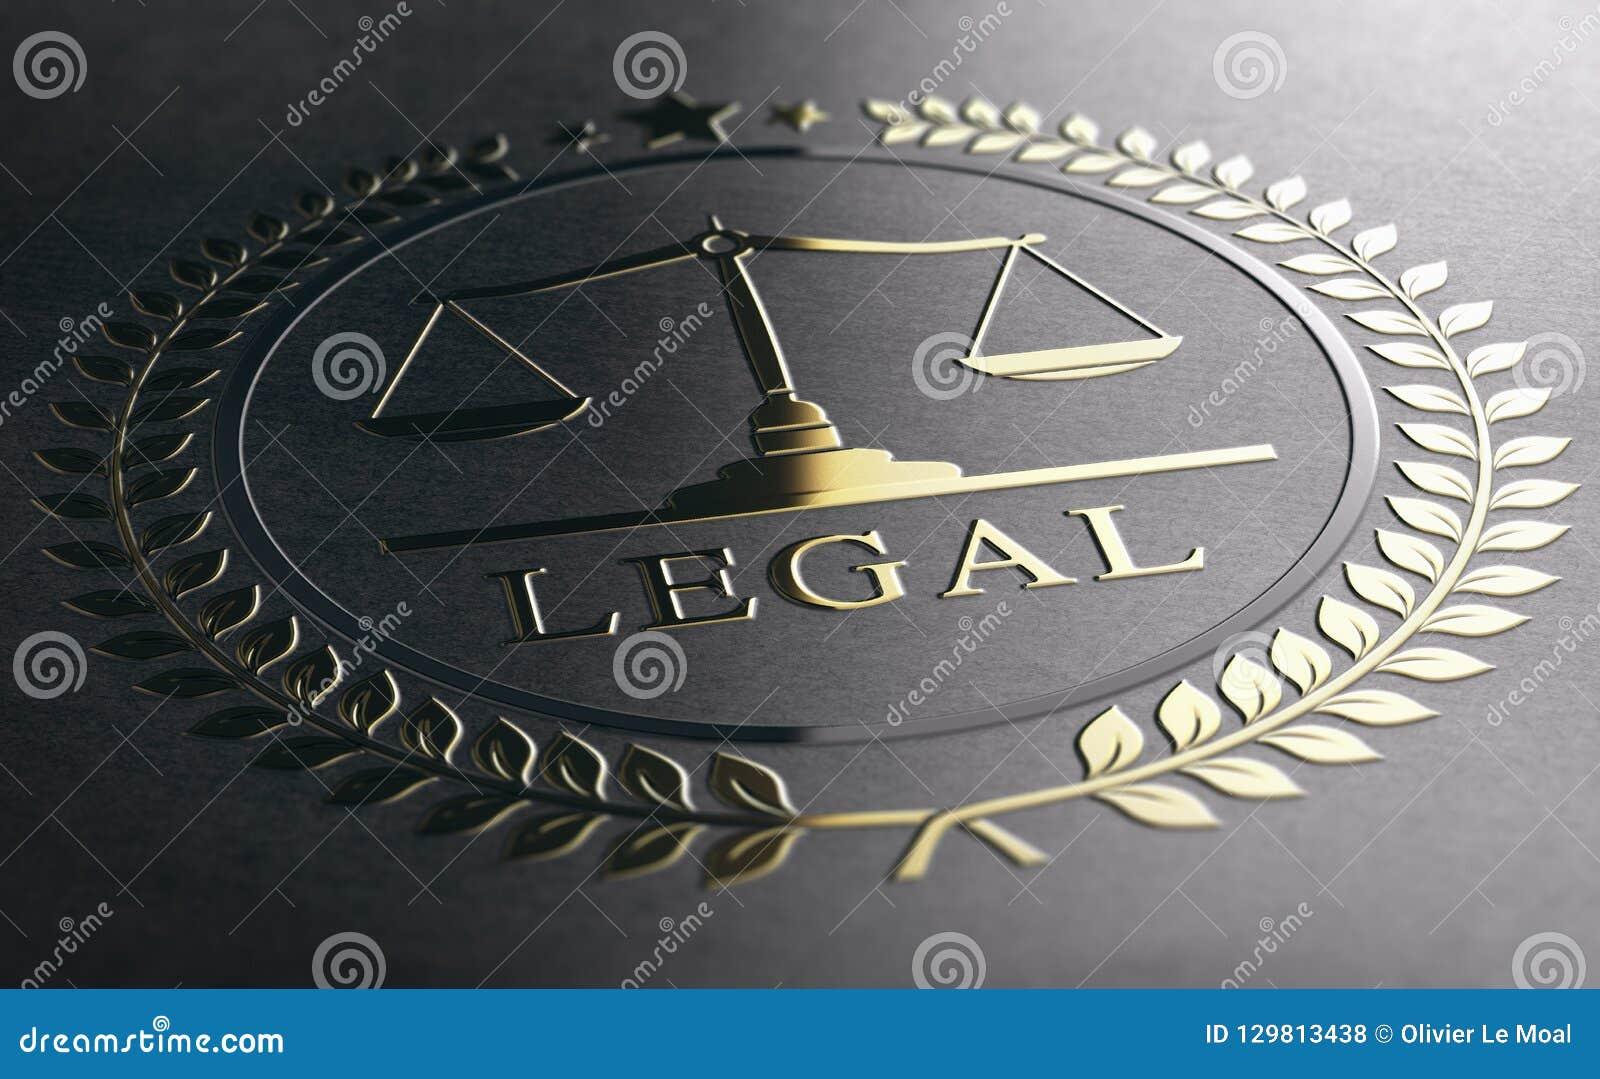 Juridisch Advies, Schalen van Rechtvaardigheid, Gouden Wetssymbool over Zwarte Pa